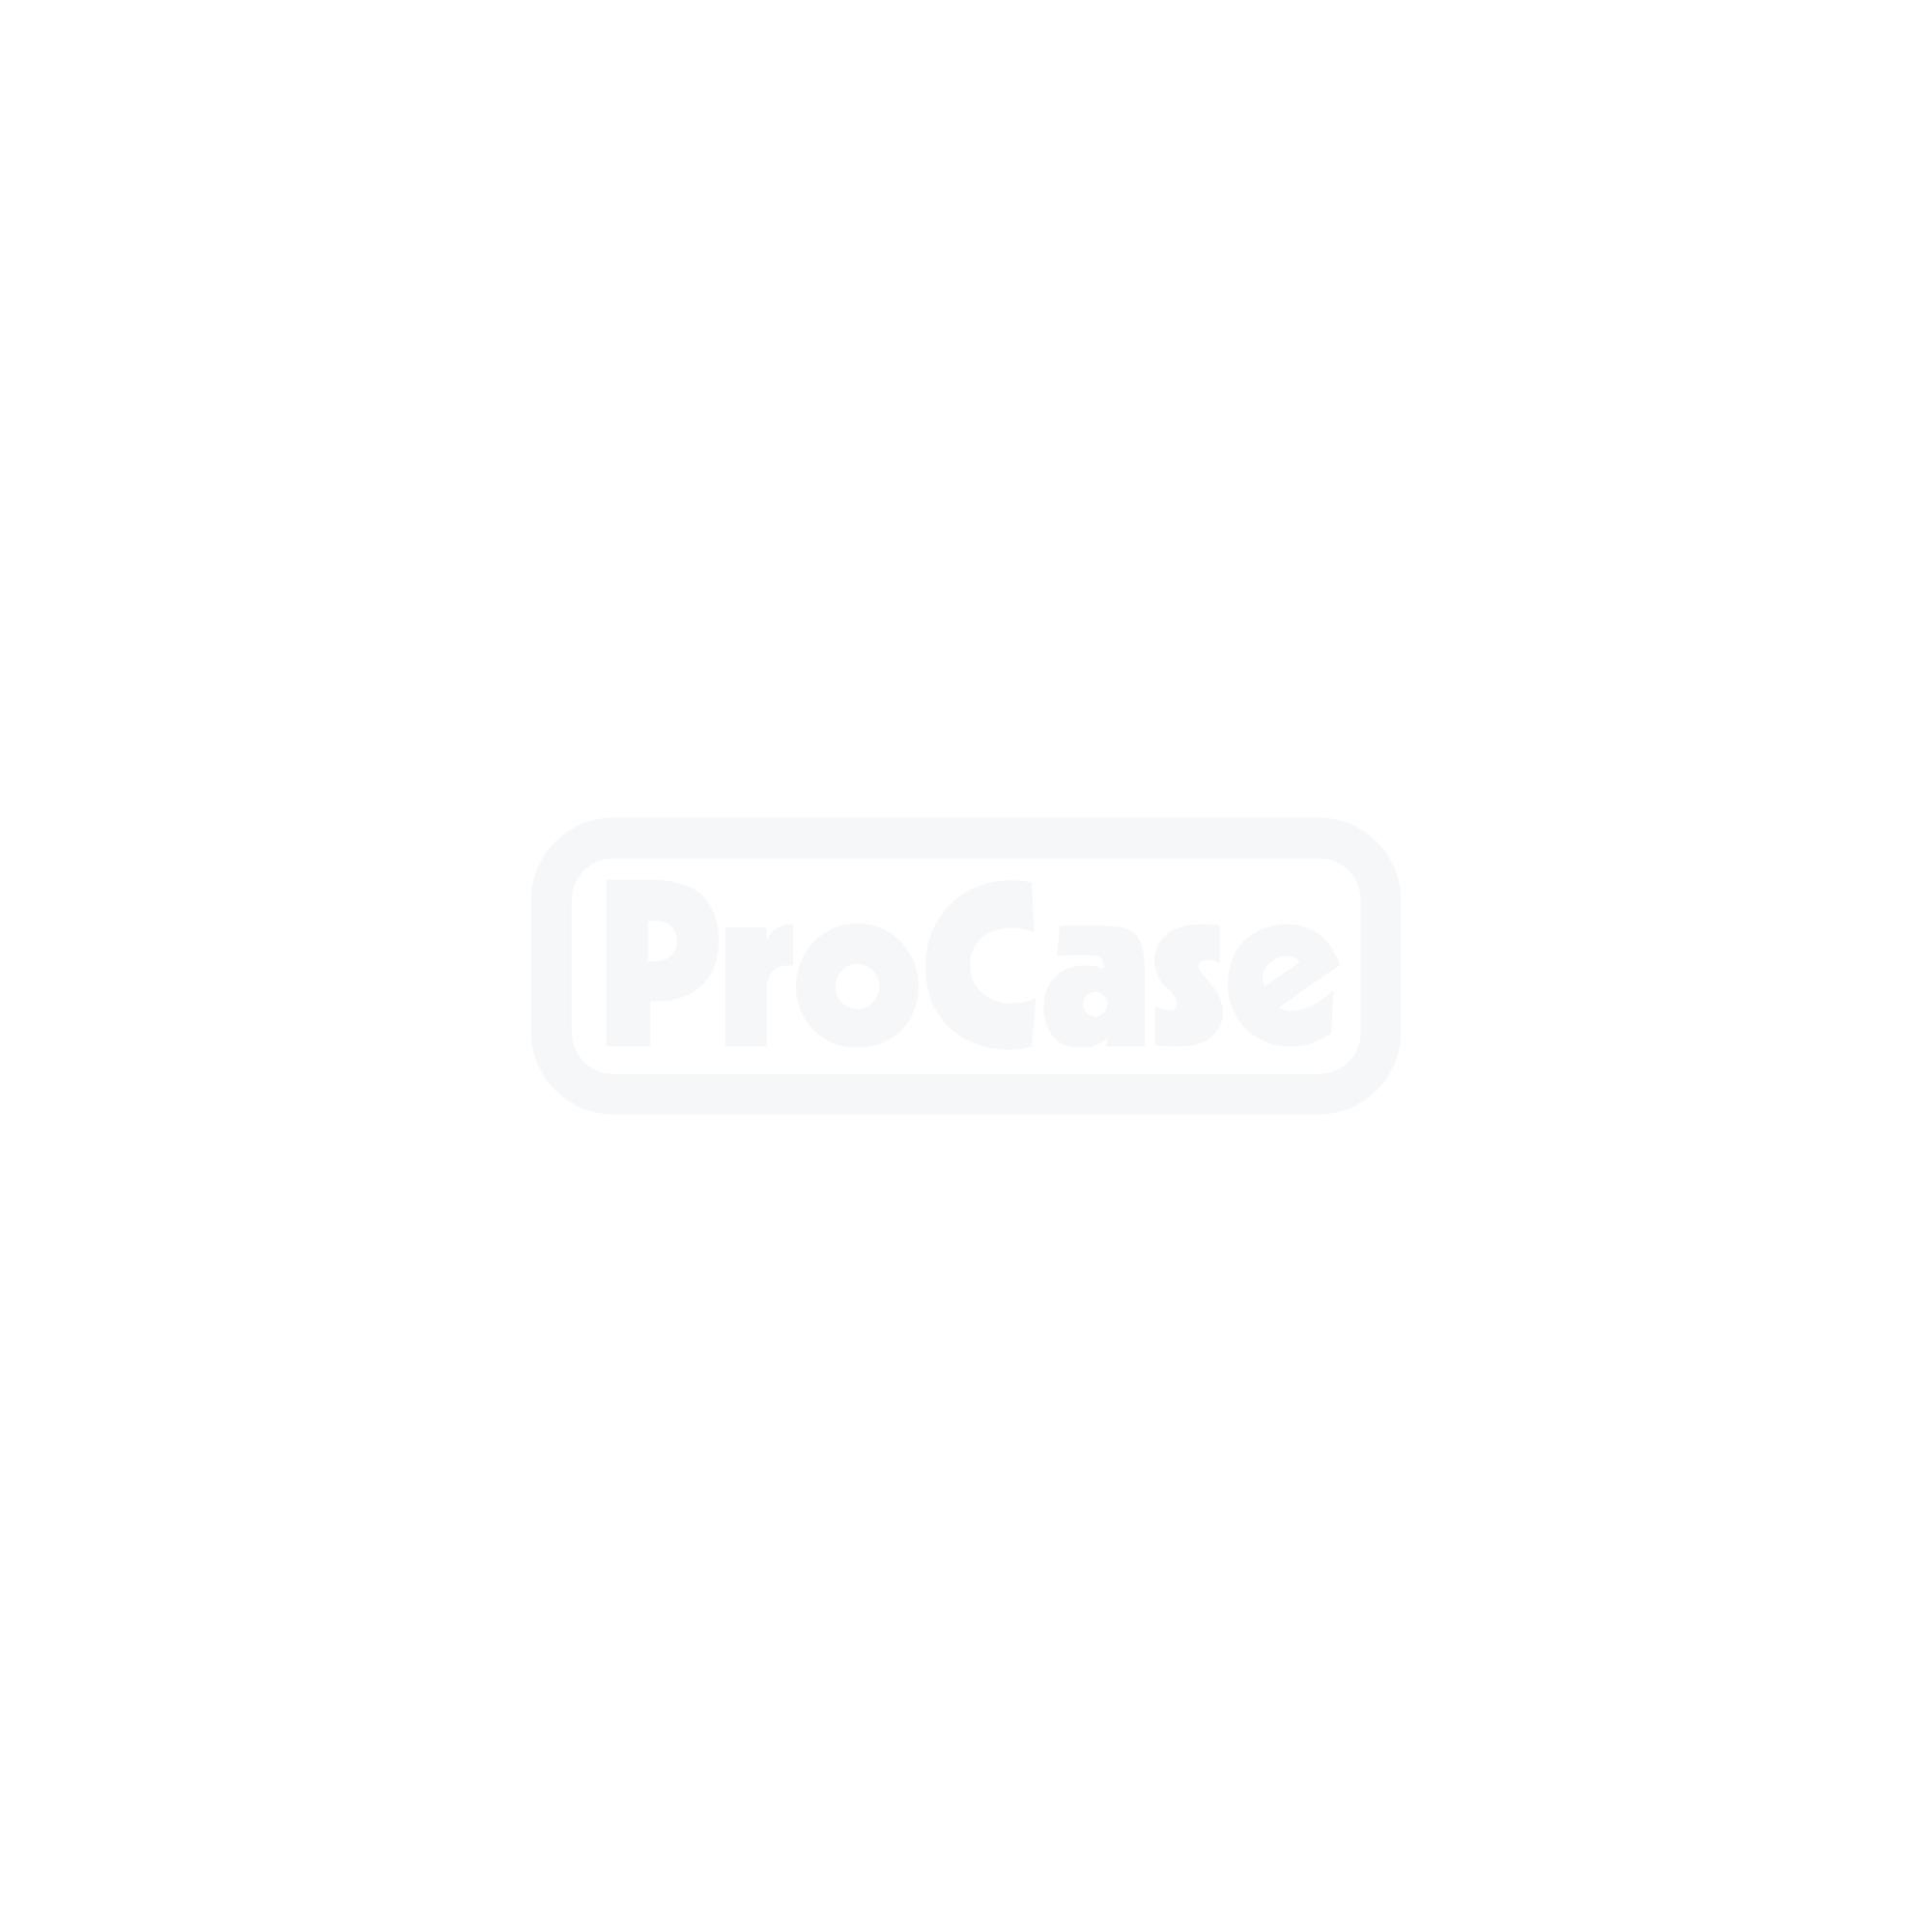 SKB 3i Koffer 3614-6 leer mit Trolley 3